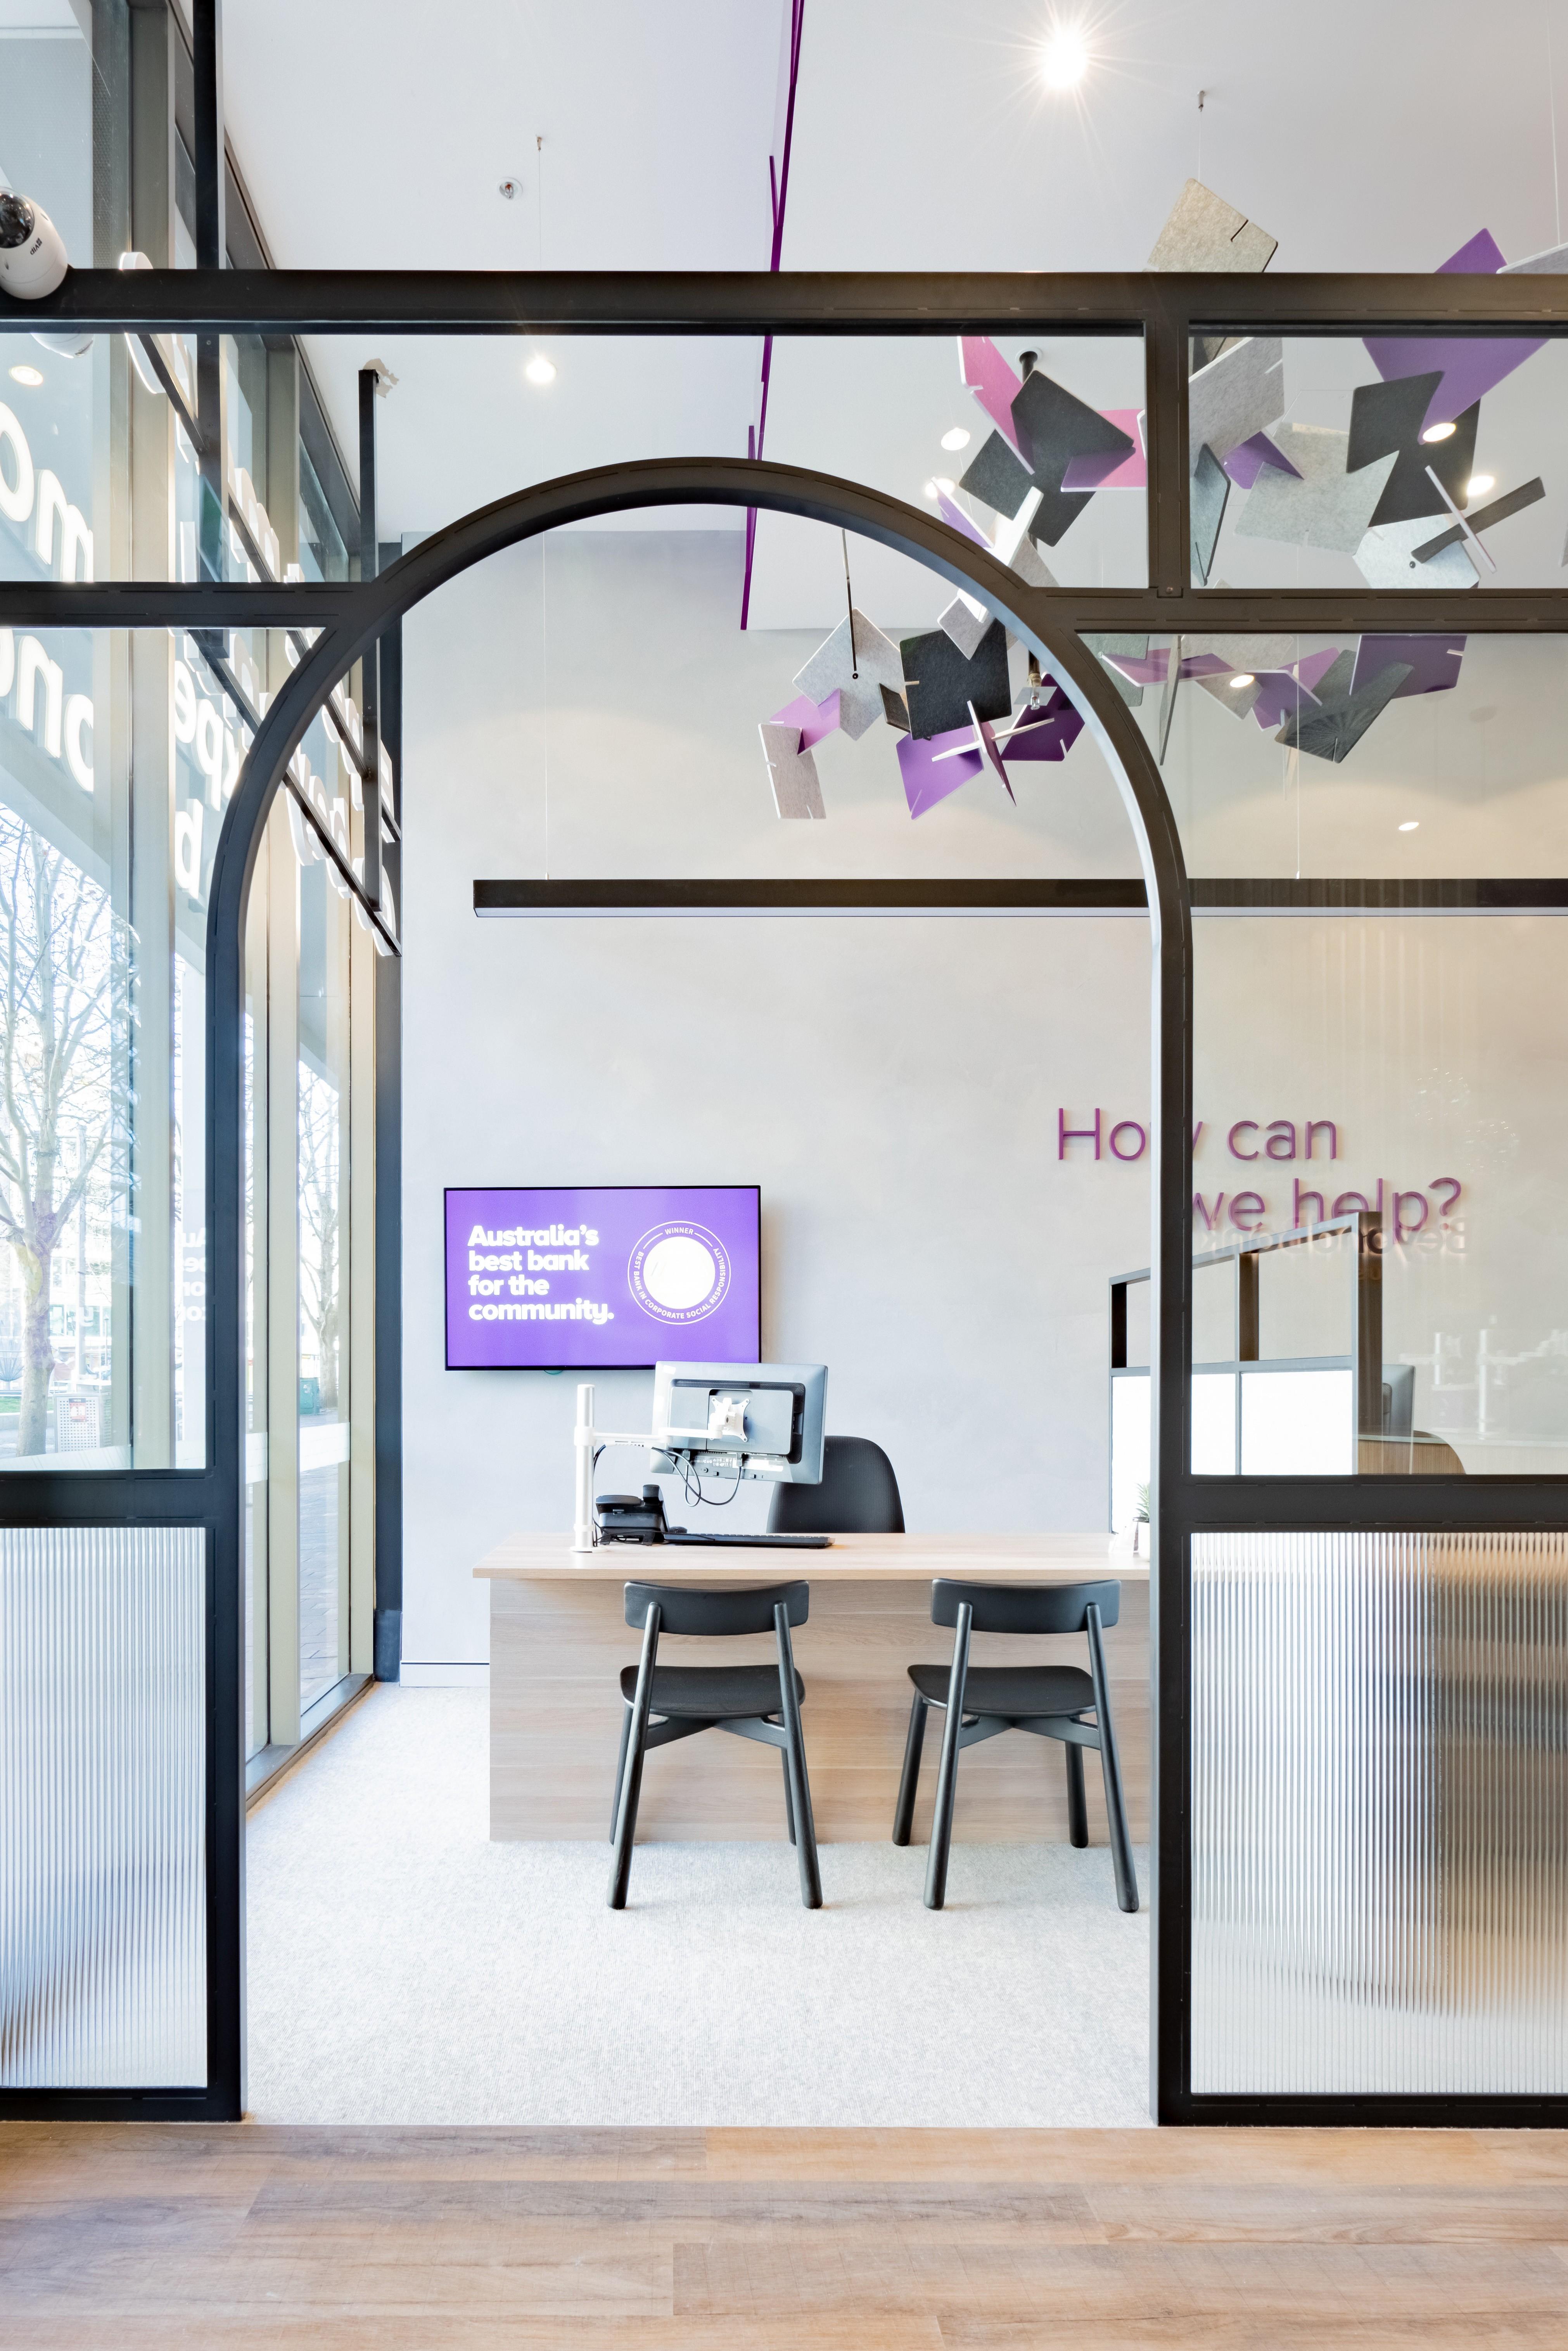 Design Bank Cor.Hmusxsdrjrttrm